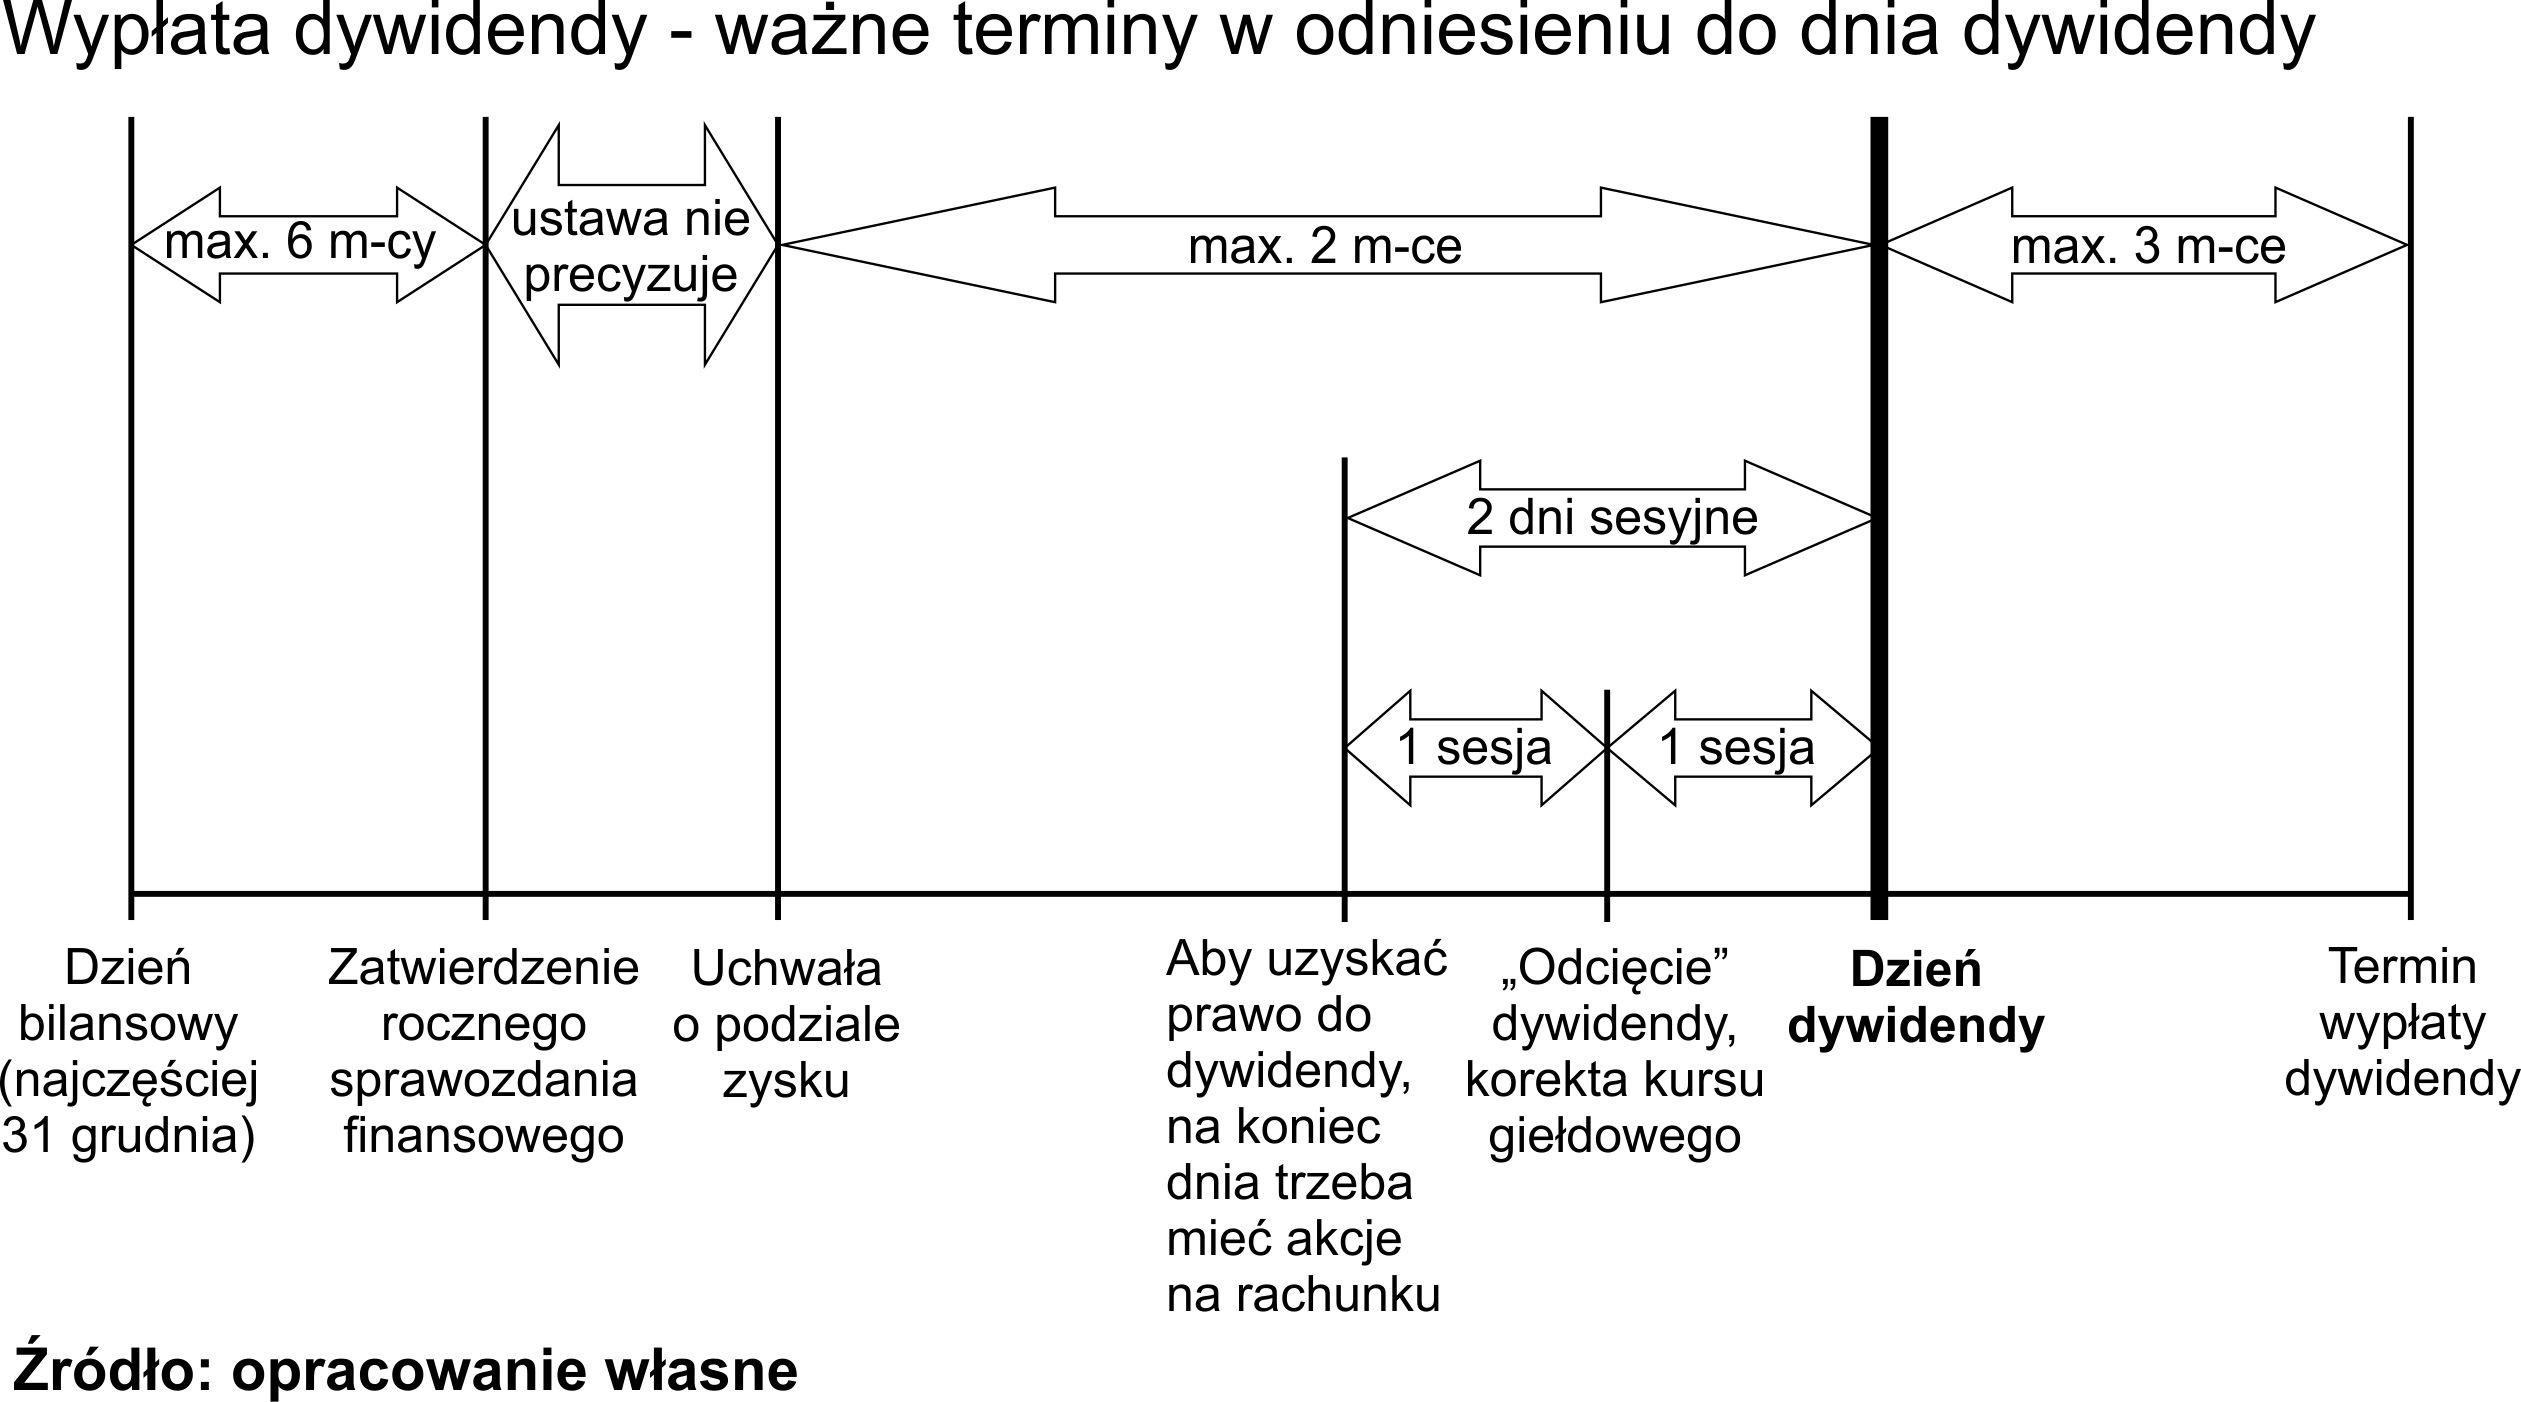 dzien-dywidendy